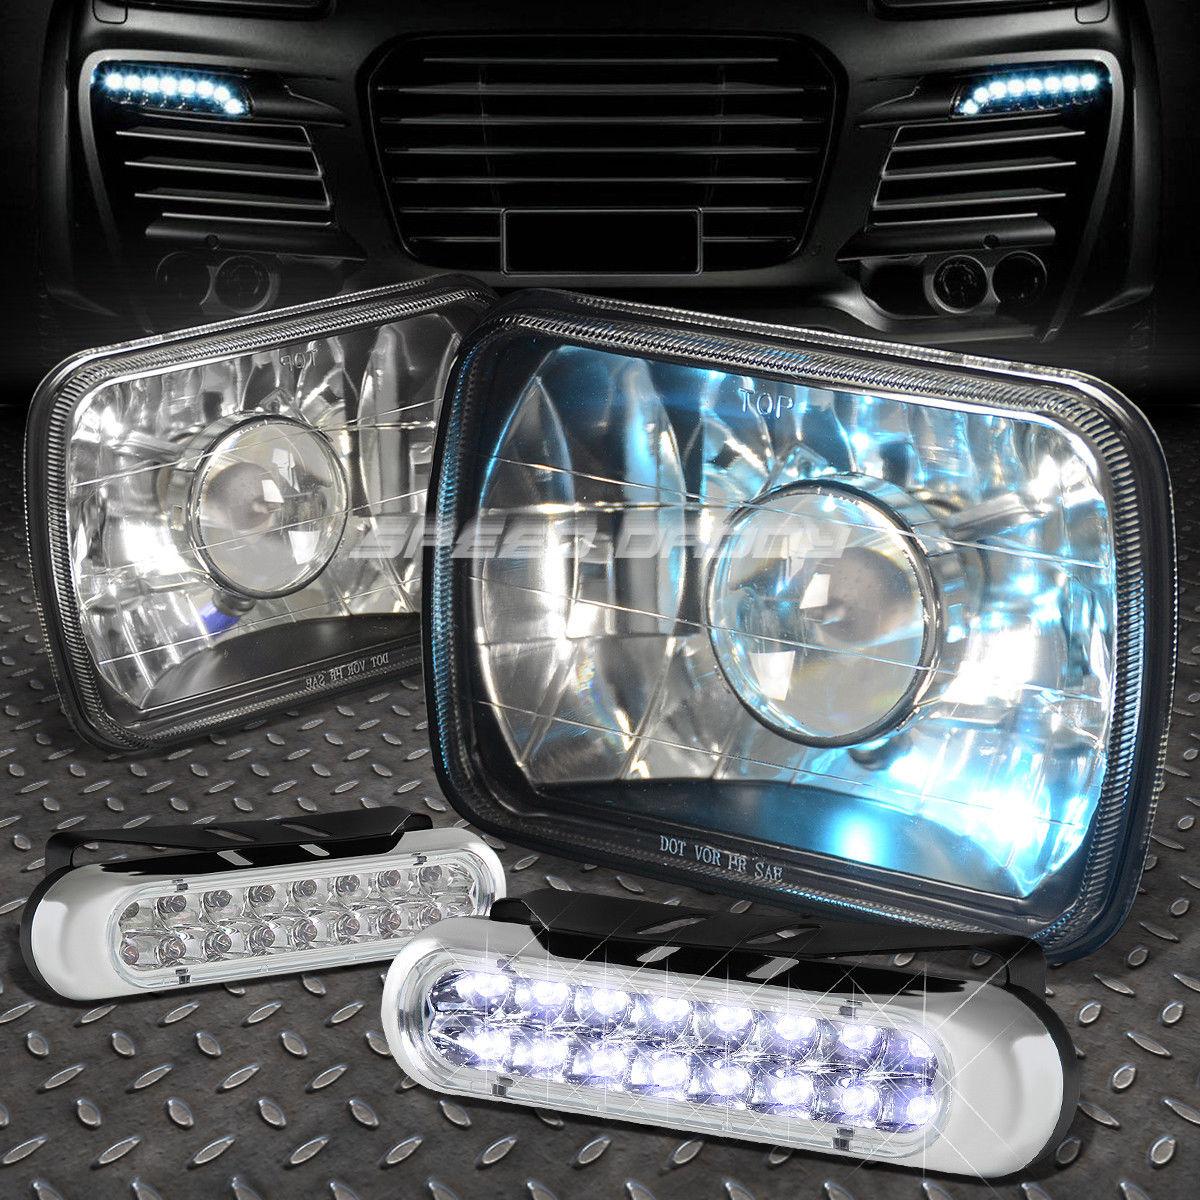 車用品・バイク用品 >> 車用品 >> パーツ >> ライト・ランプ >> その他 フォグライト 7x6 SQUARE BLACK PROJECTOR GLASS HEADLIGHT+16 LED GRILL FOG LIGHT FOR NISSAN 7×6スクエアブラックプロジェクターグラスヘッドライト+ 16日グリス霧ライト